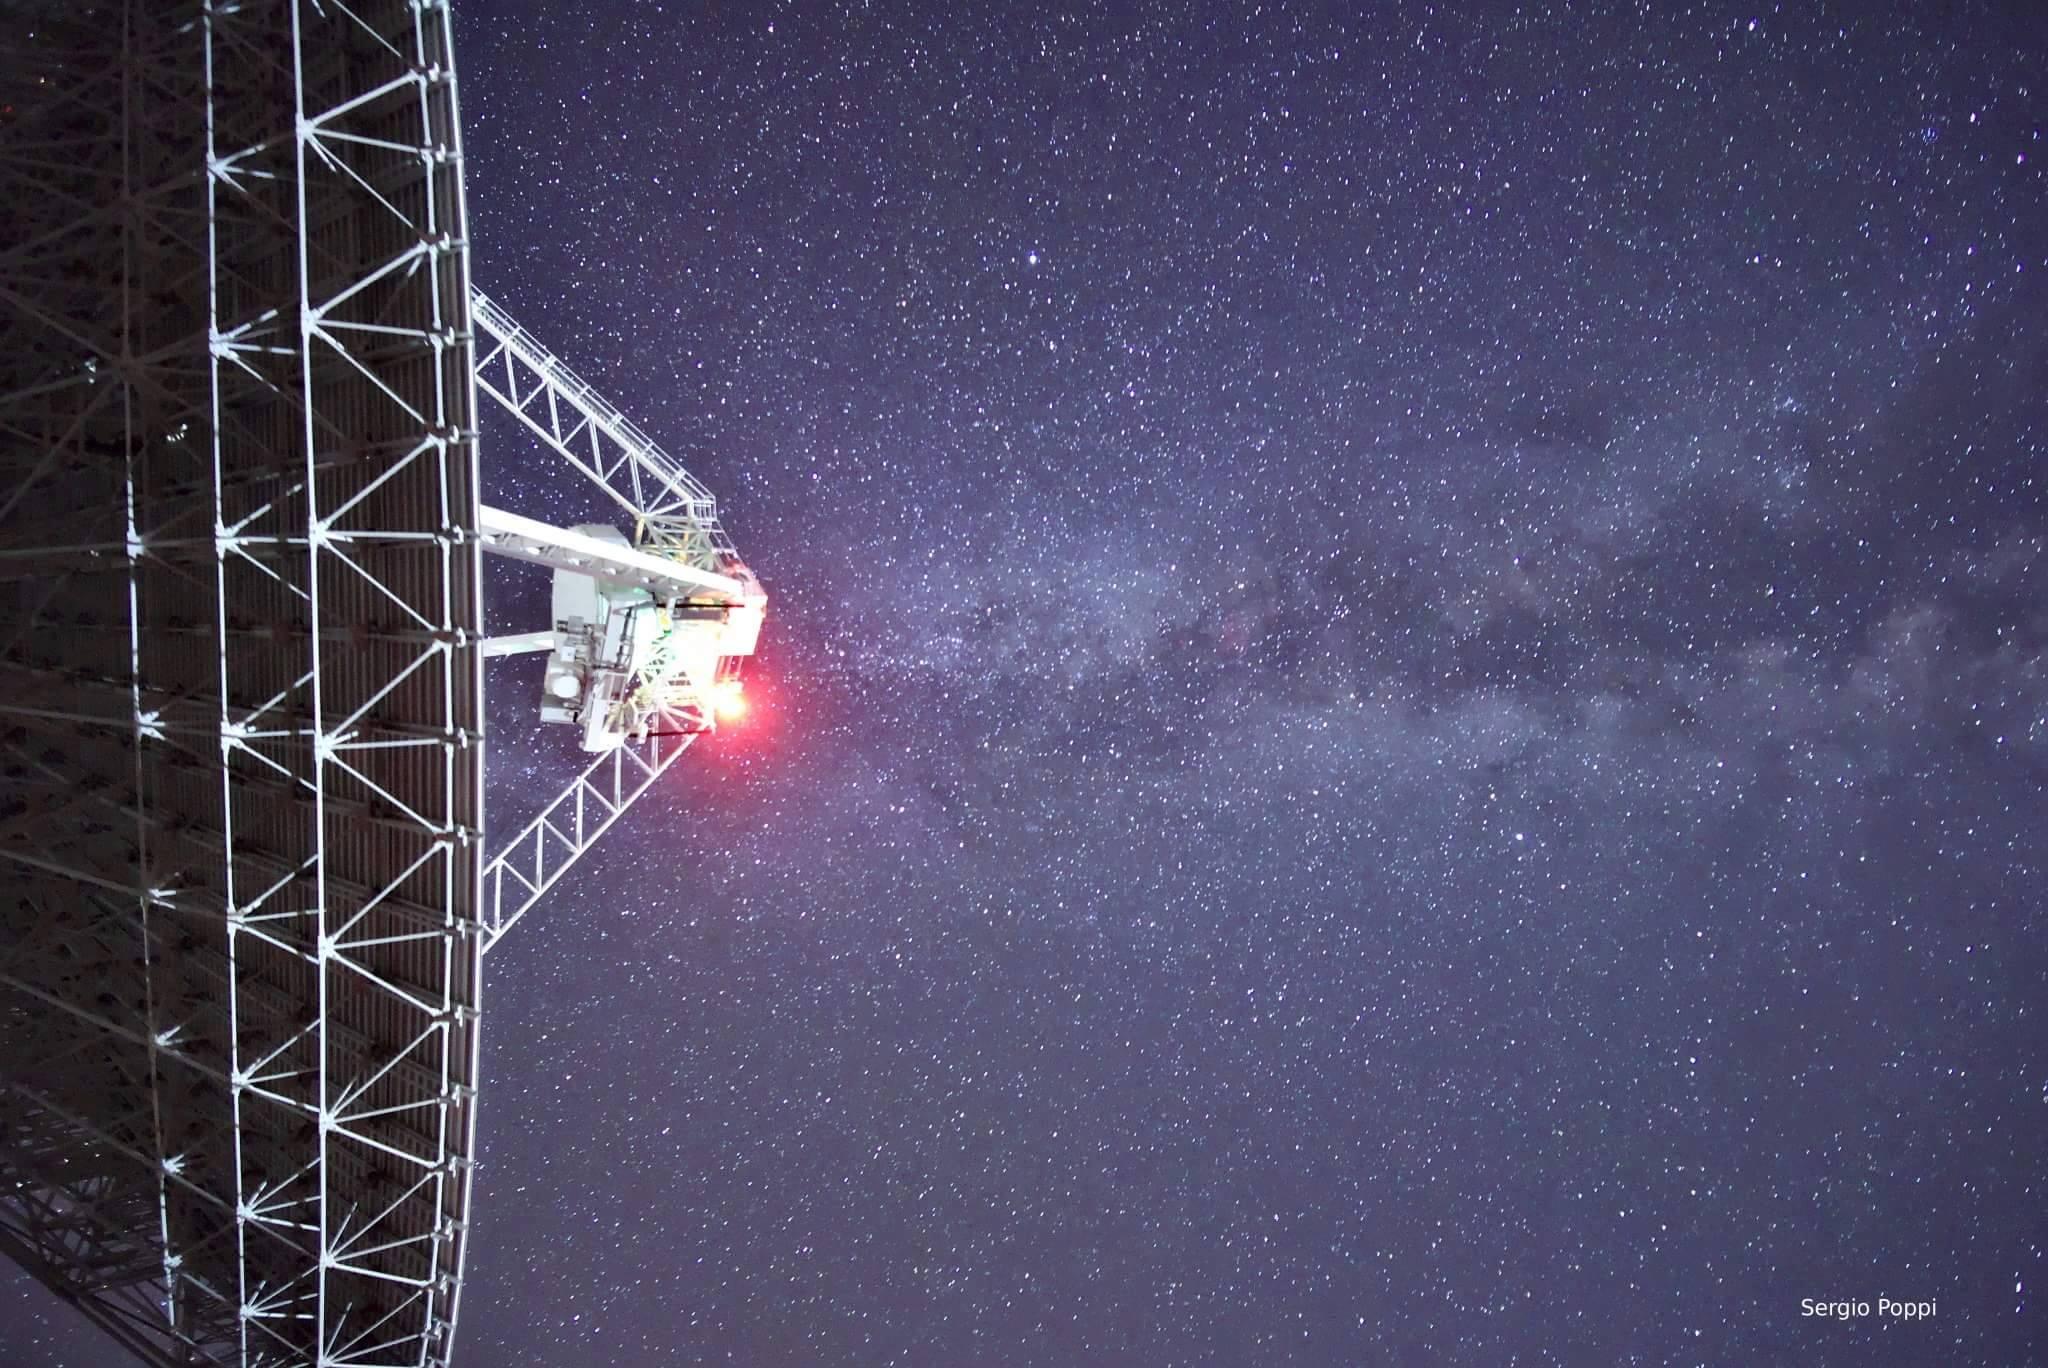 Come scegliere il primo Telescopio – guida per iniziare